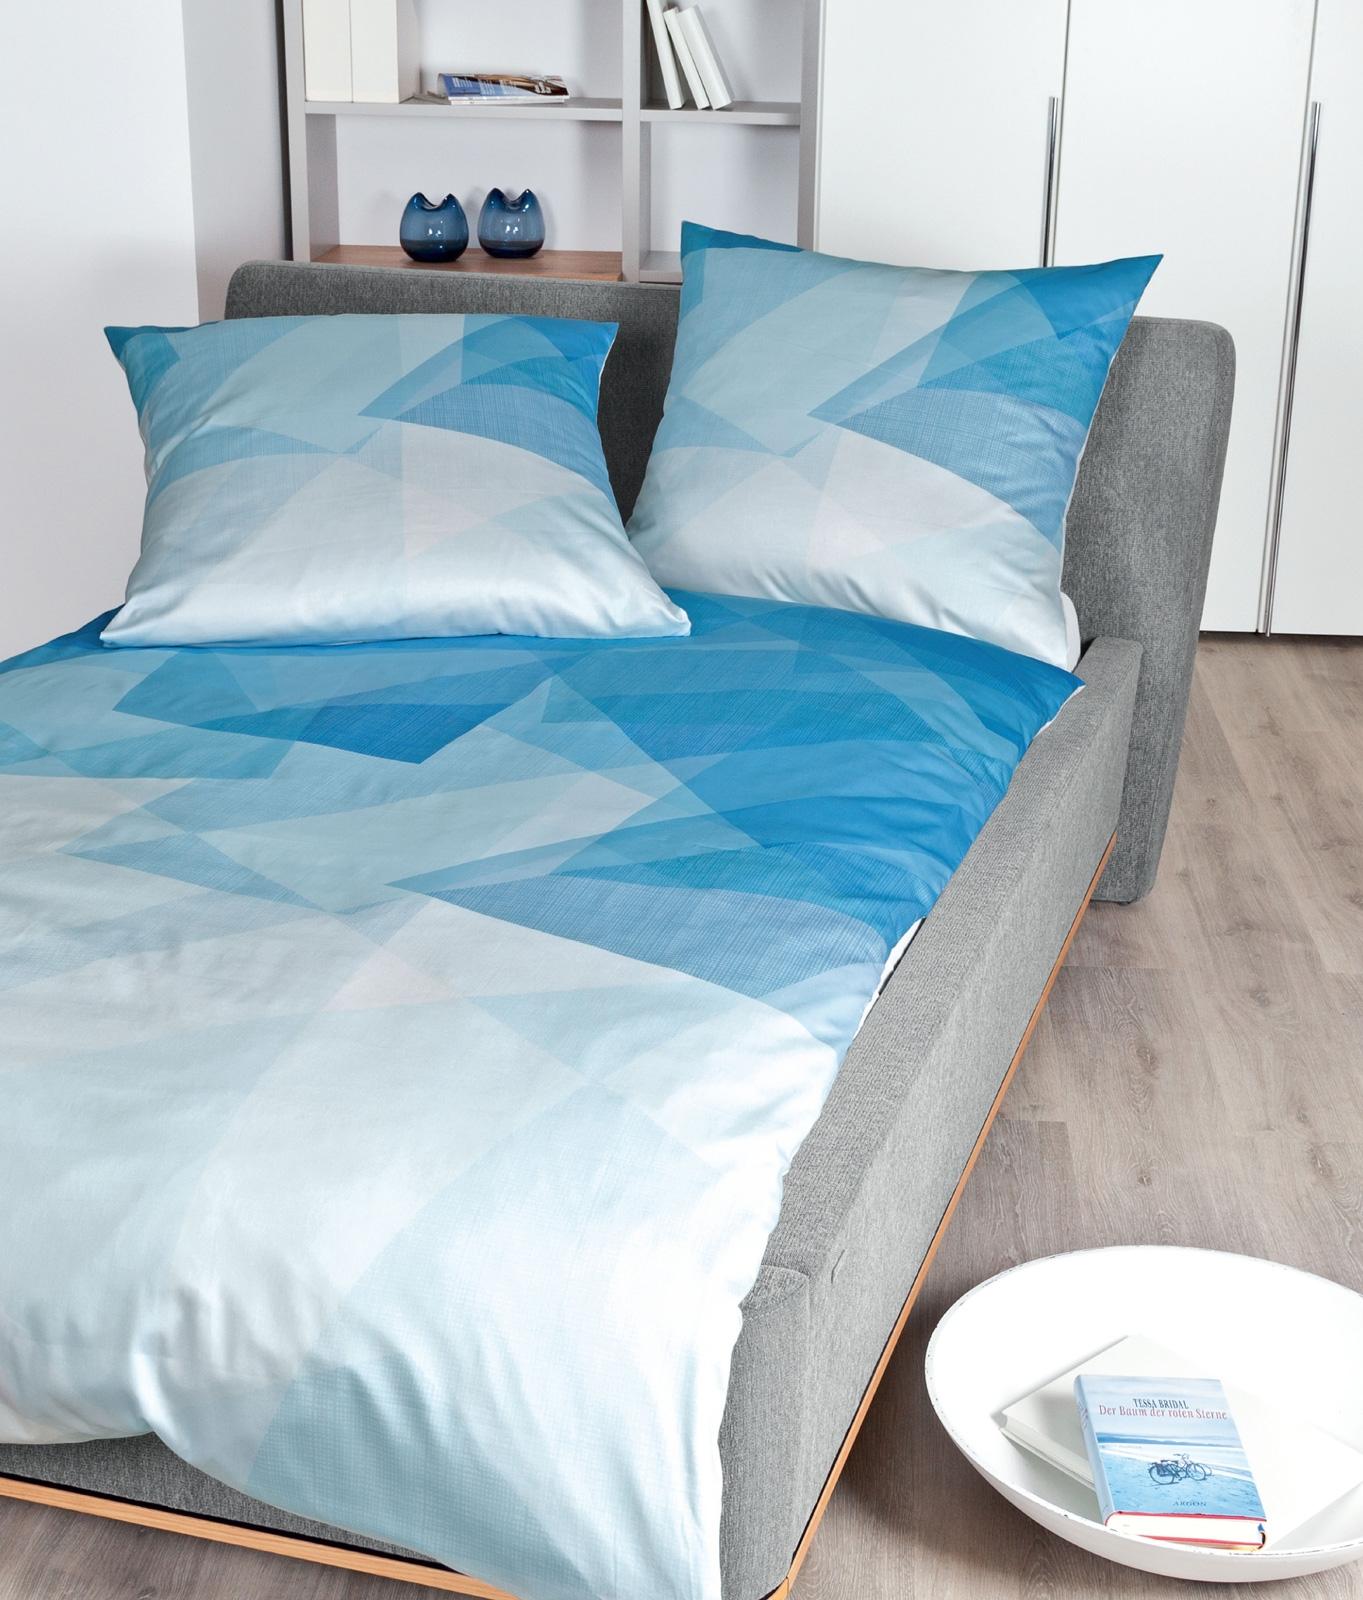 Bettwäsche - Janine Mako Satin Bettwäsche modern art 135x200 80x80 42034 aqua incl. Aufbewahrungsbeutel  - Onlineshop PremiumShop321